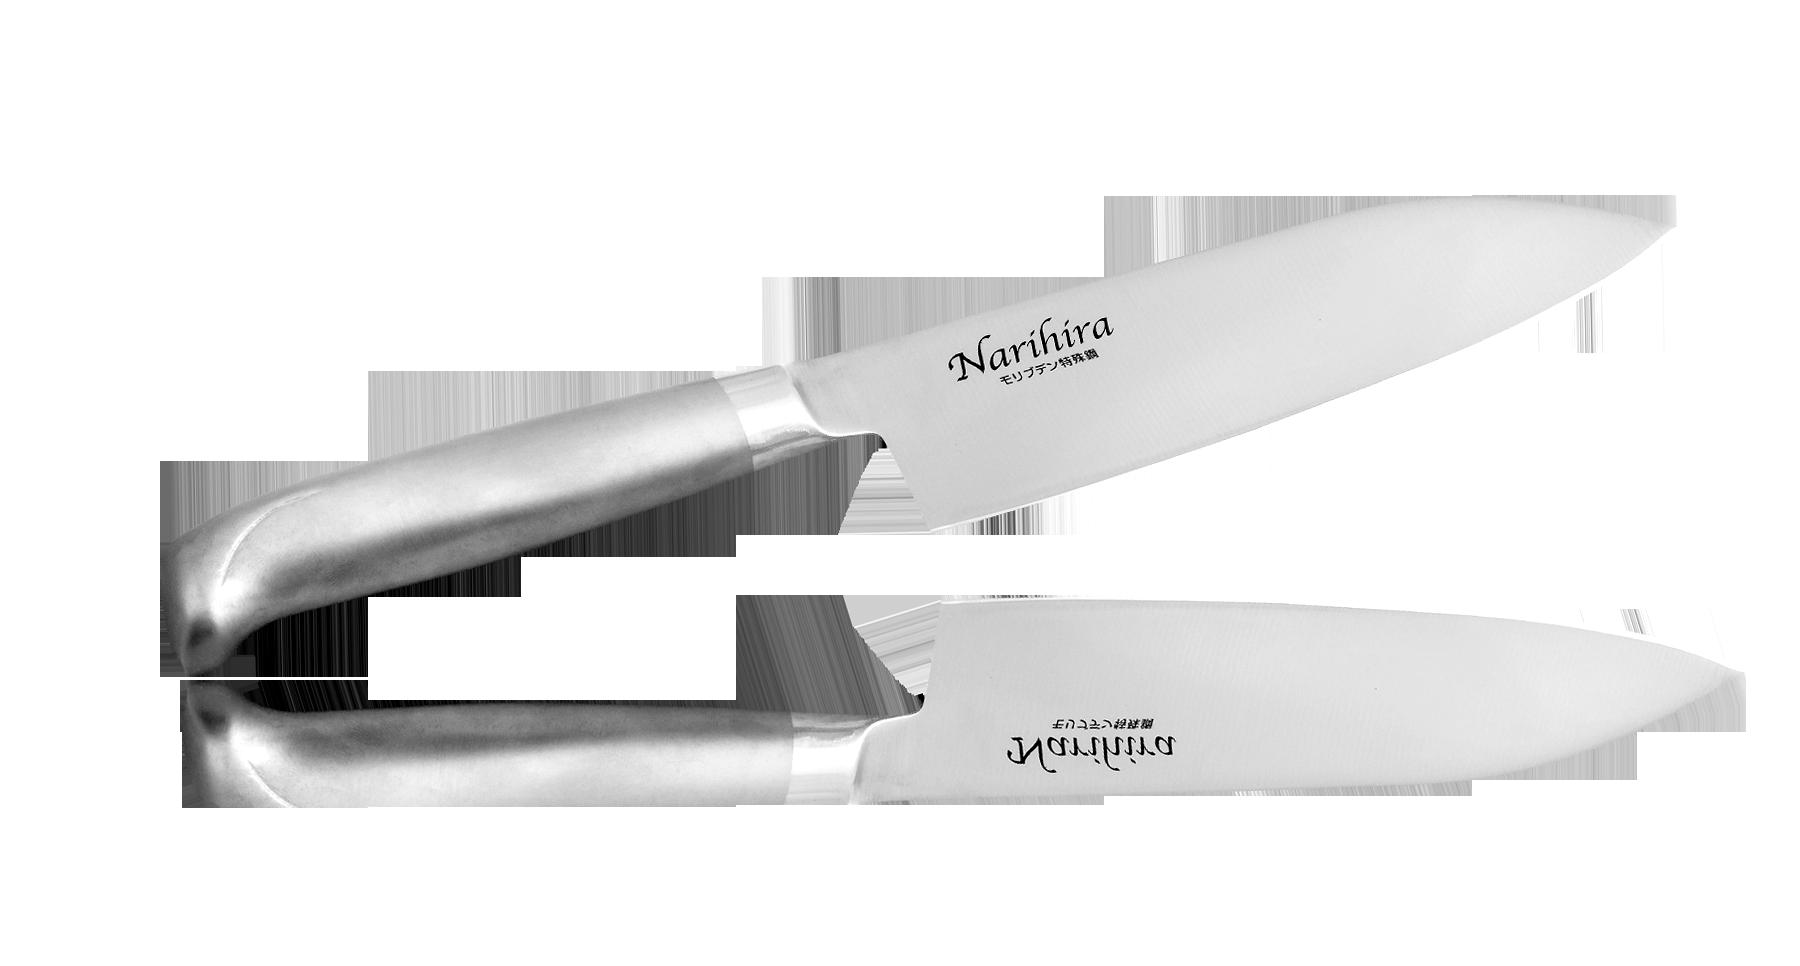 Нож Сантоку Narihira 170 мм, сталь AUS-8, стальная рукоятьНожи шефа (поварские ножи)<br>Нож Сантоку Narihira 170 мм, сталь AUS-8, стальная рукоять<br>